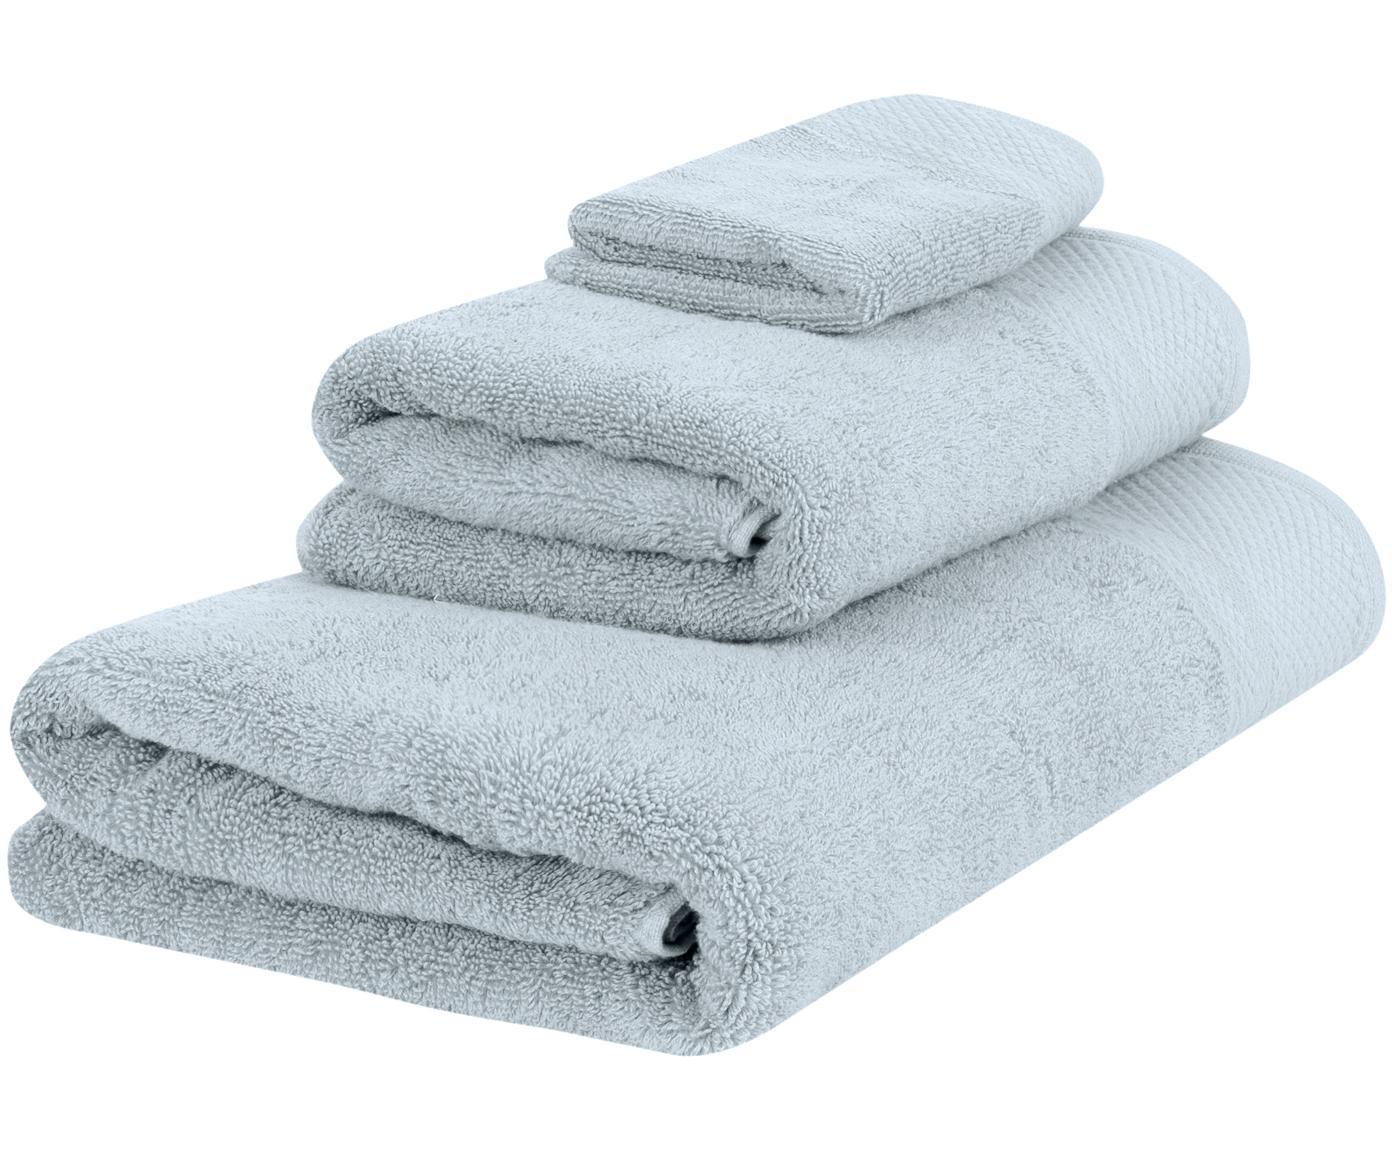 Handdoekenset Premium, 3-delig, 100% katoen, zware kwaliteit, 600 g/m², Lichtblauw, Verschillende formaten